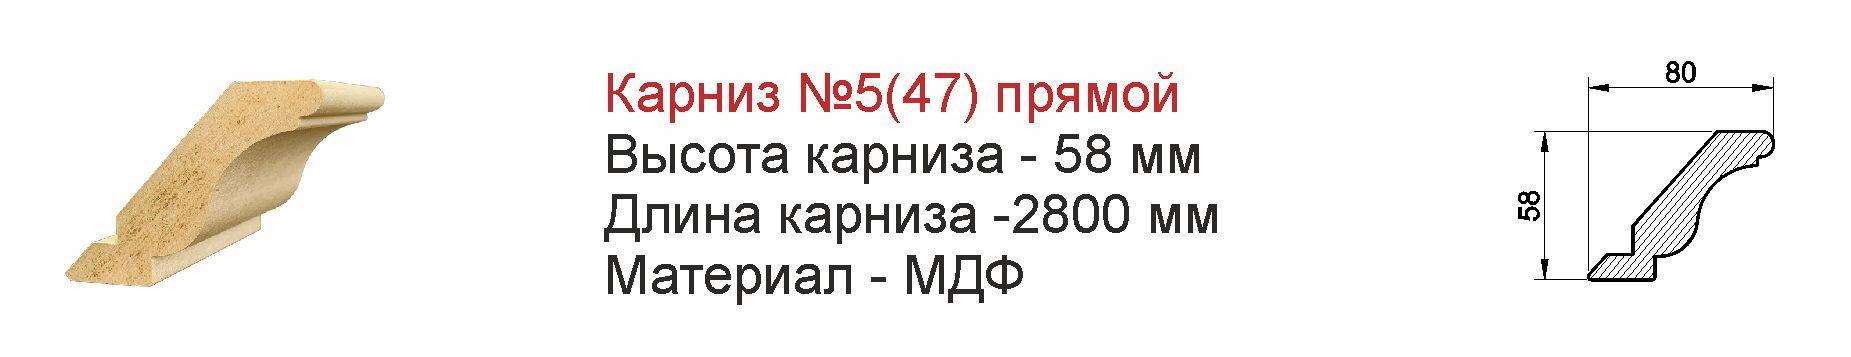 Карниз прямой для кухонной мебели №5 (47)